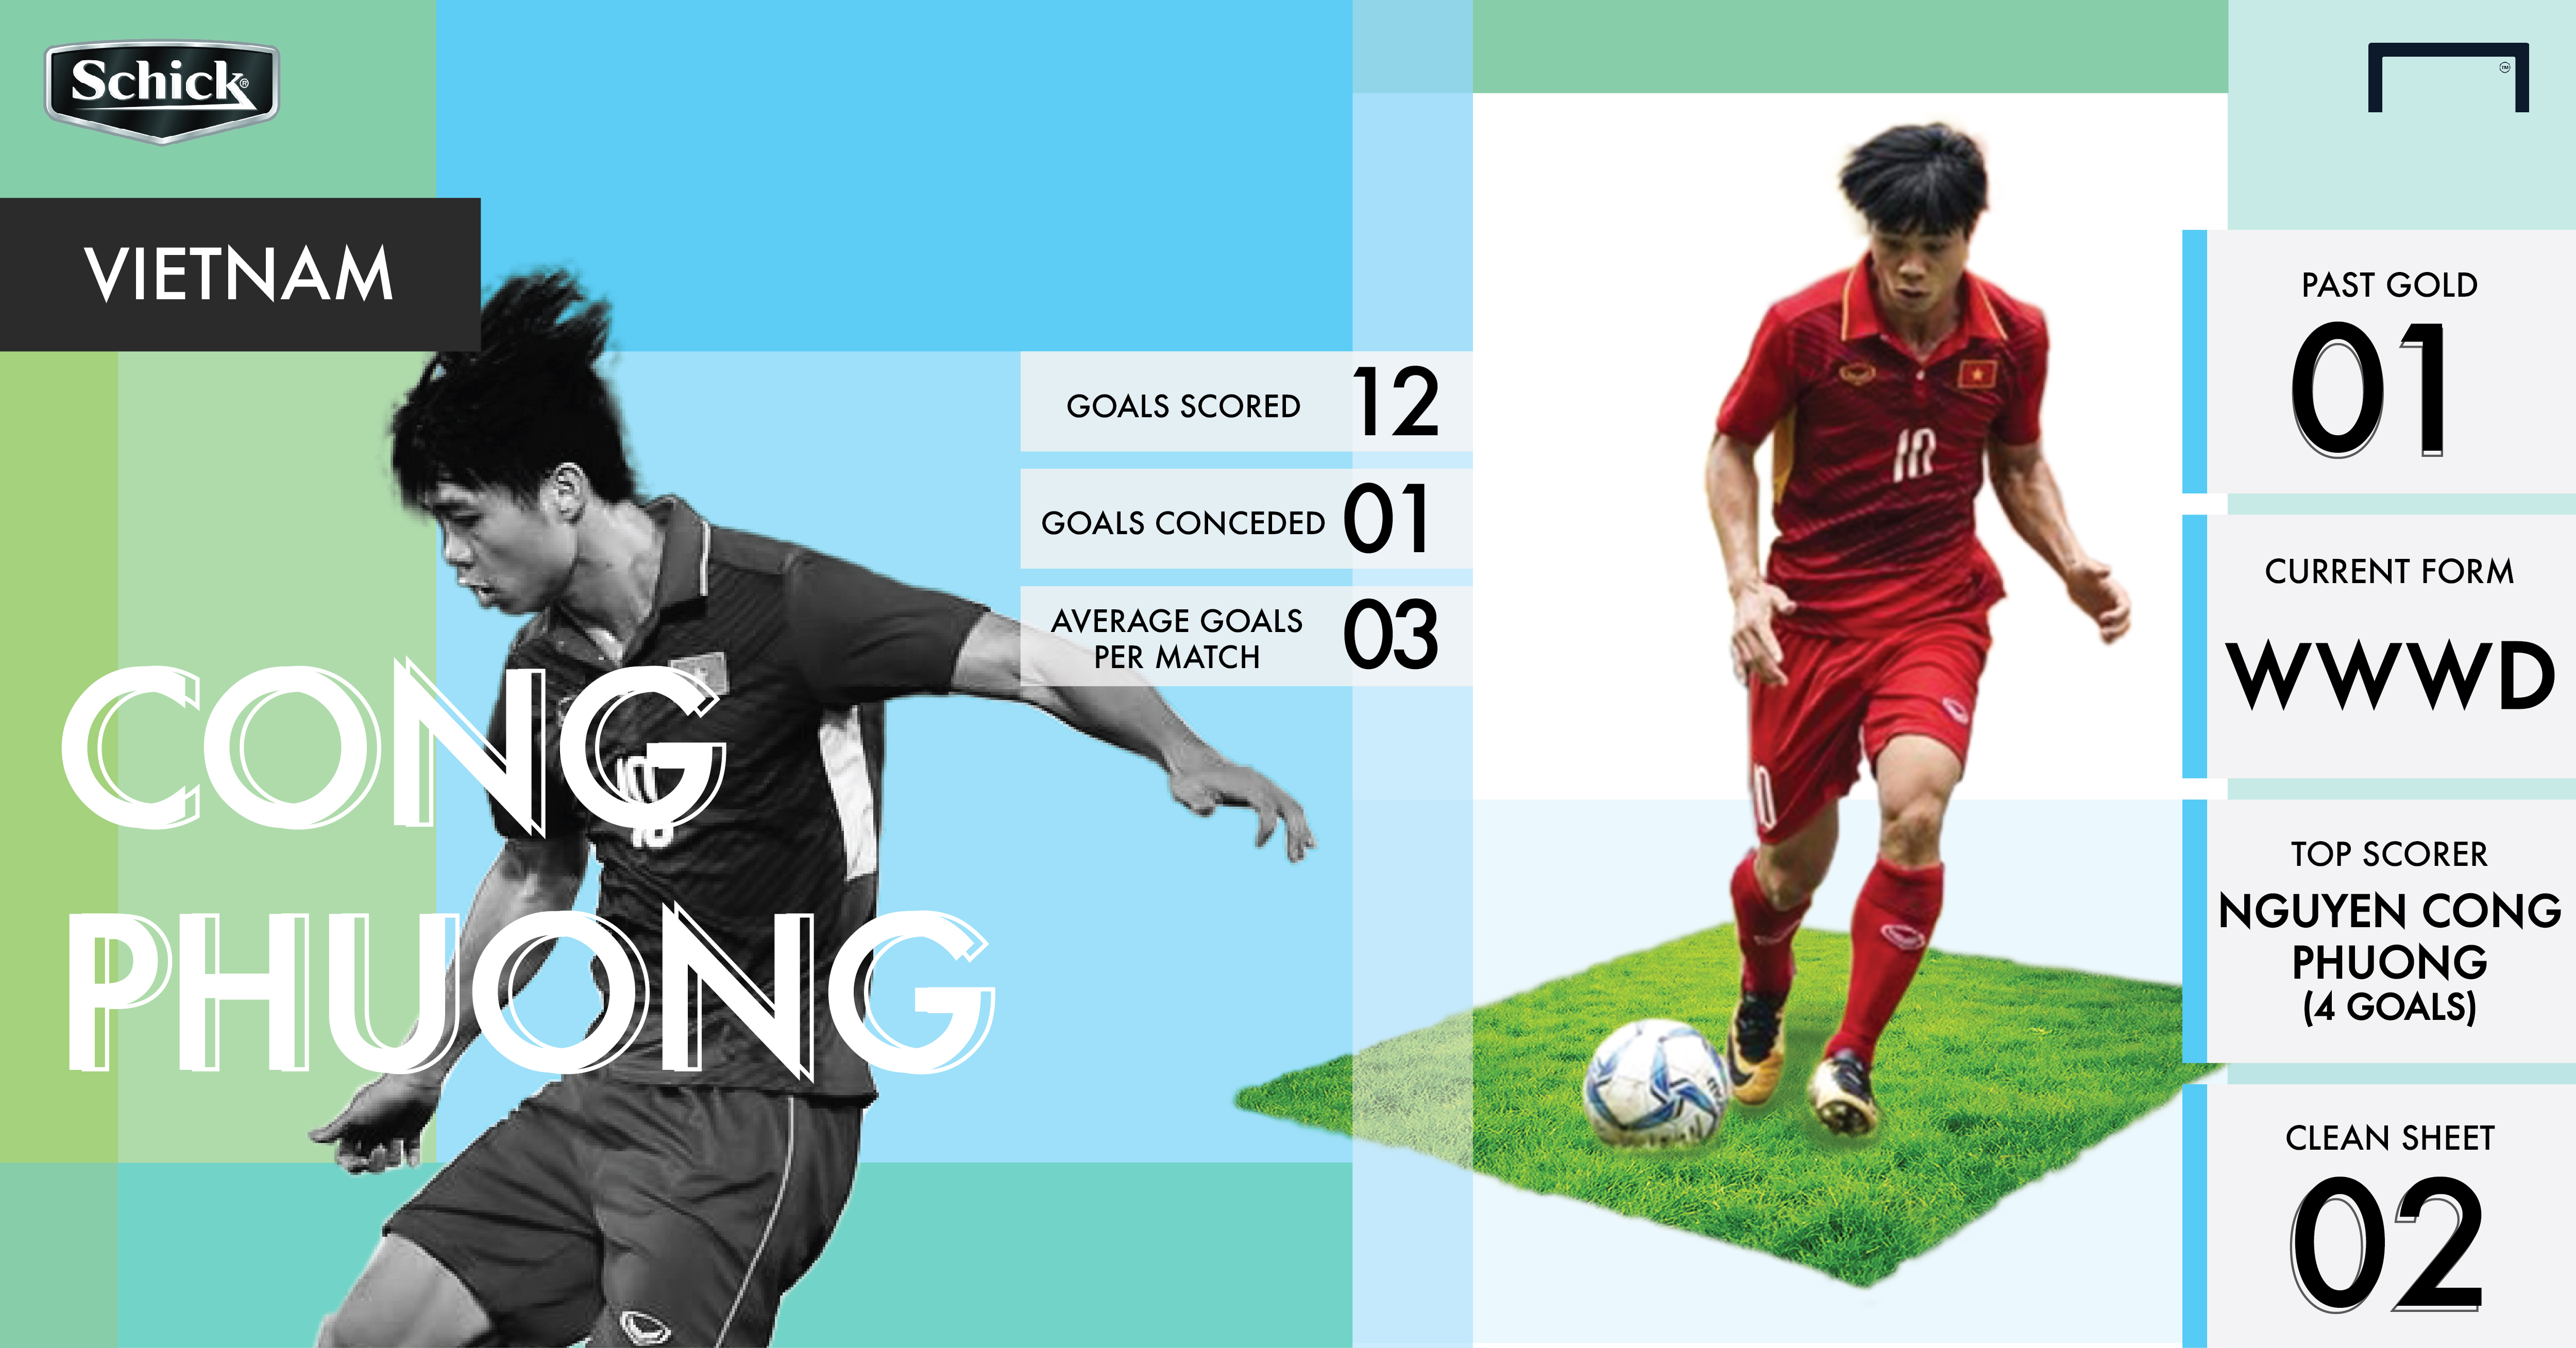 Vietnam, Schick commercial, SEA Games